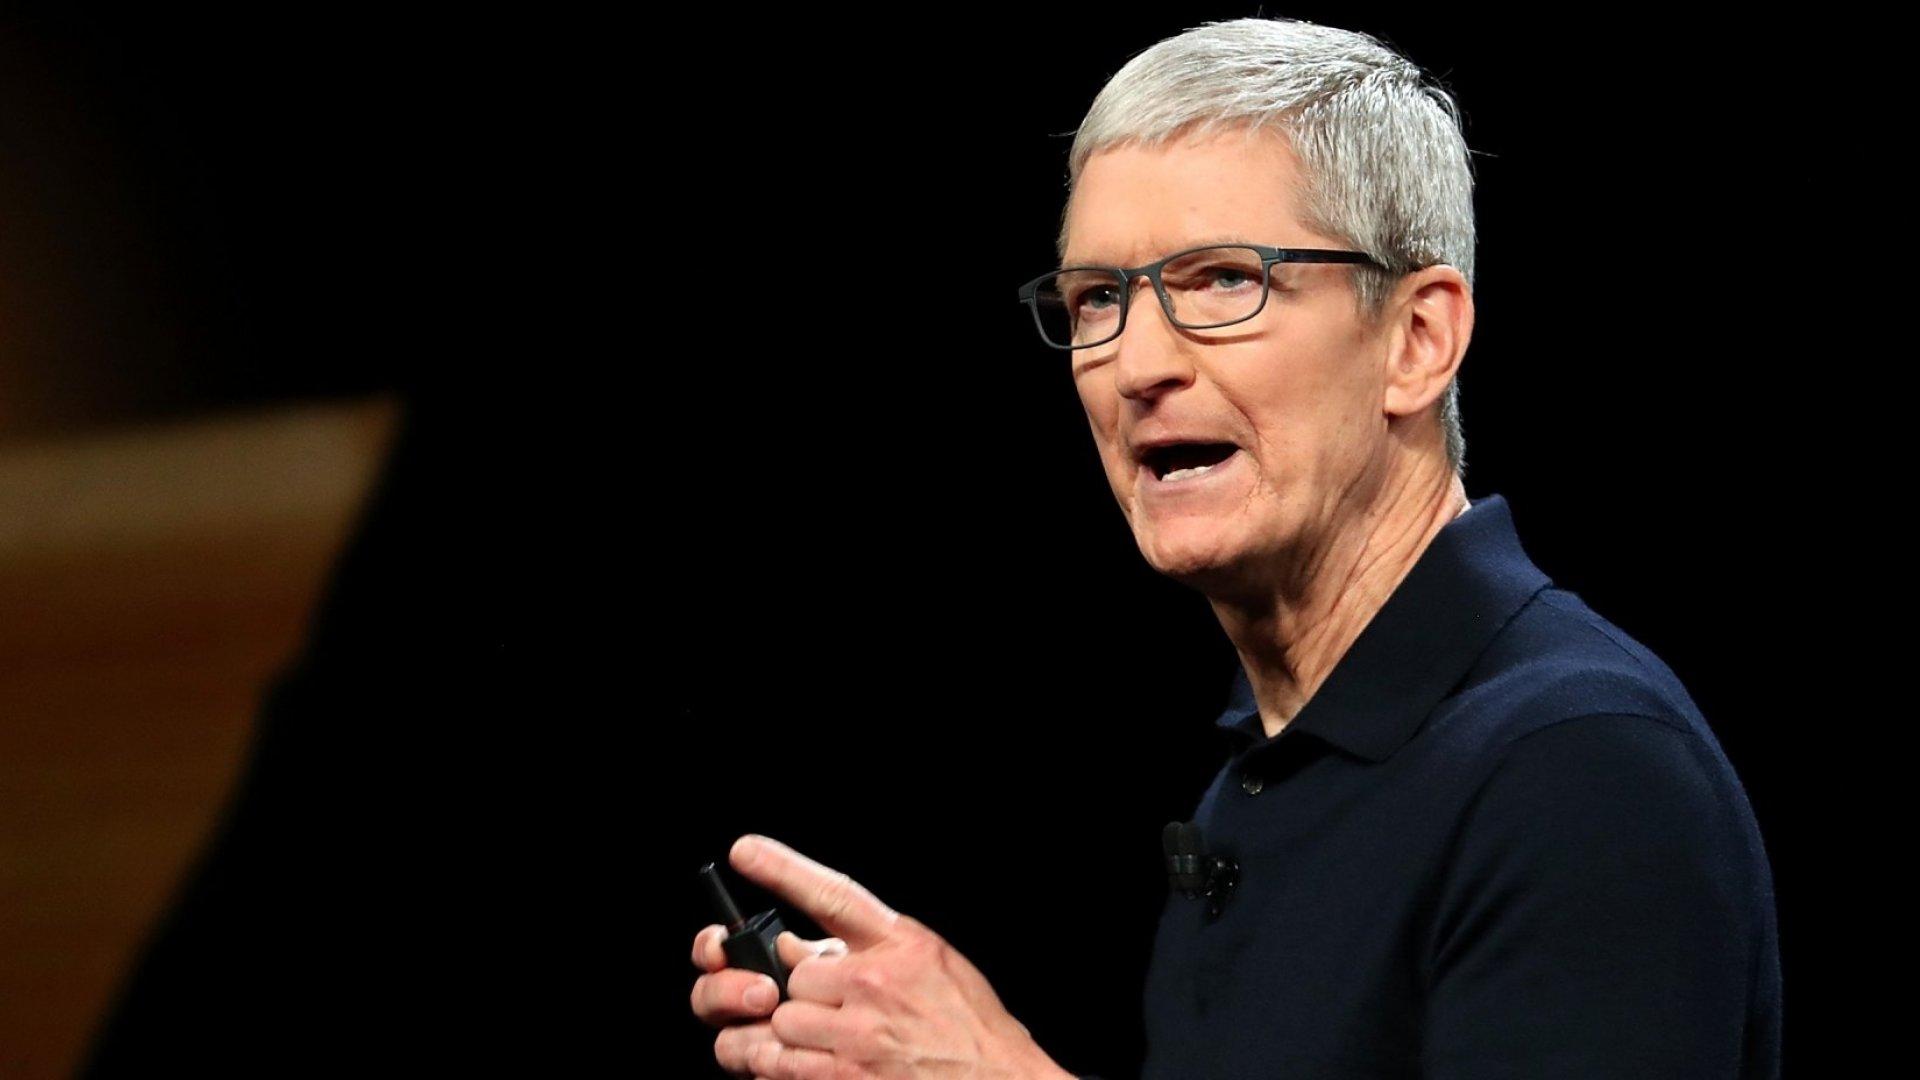 Tim Cook tiết lộ Apple sẽ ra mắt tiếp sản phẩm mới trong năm 2020 1